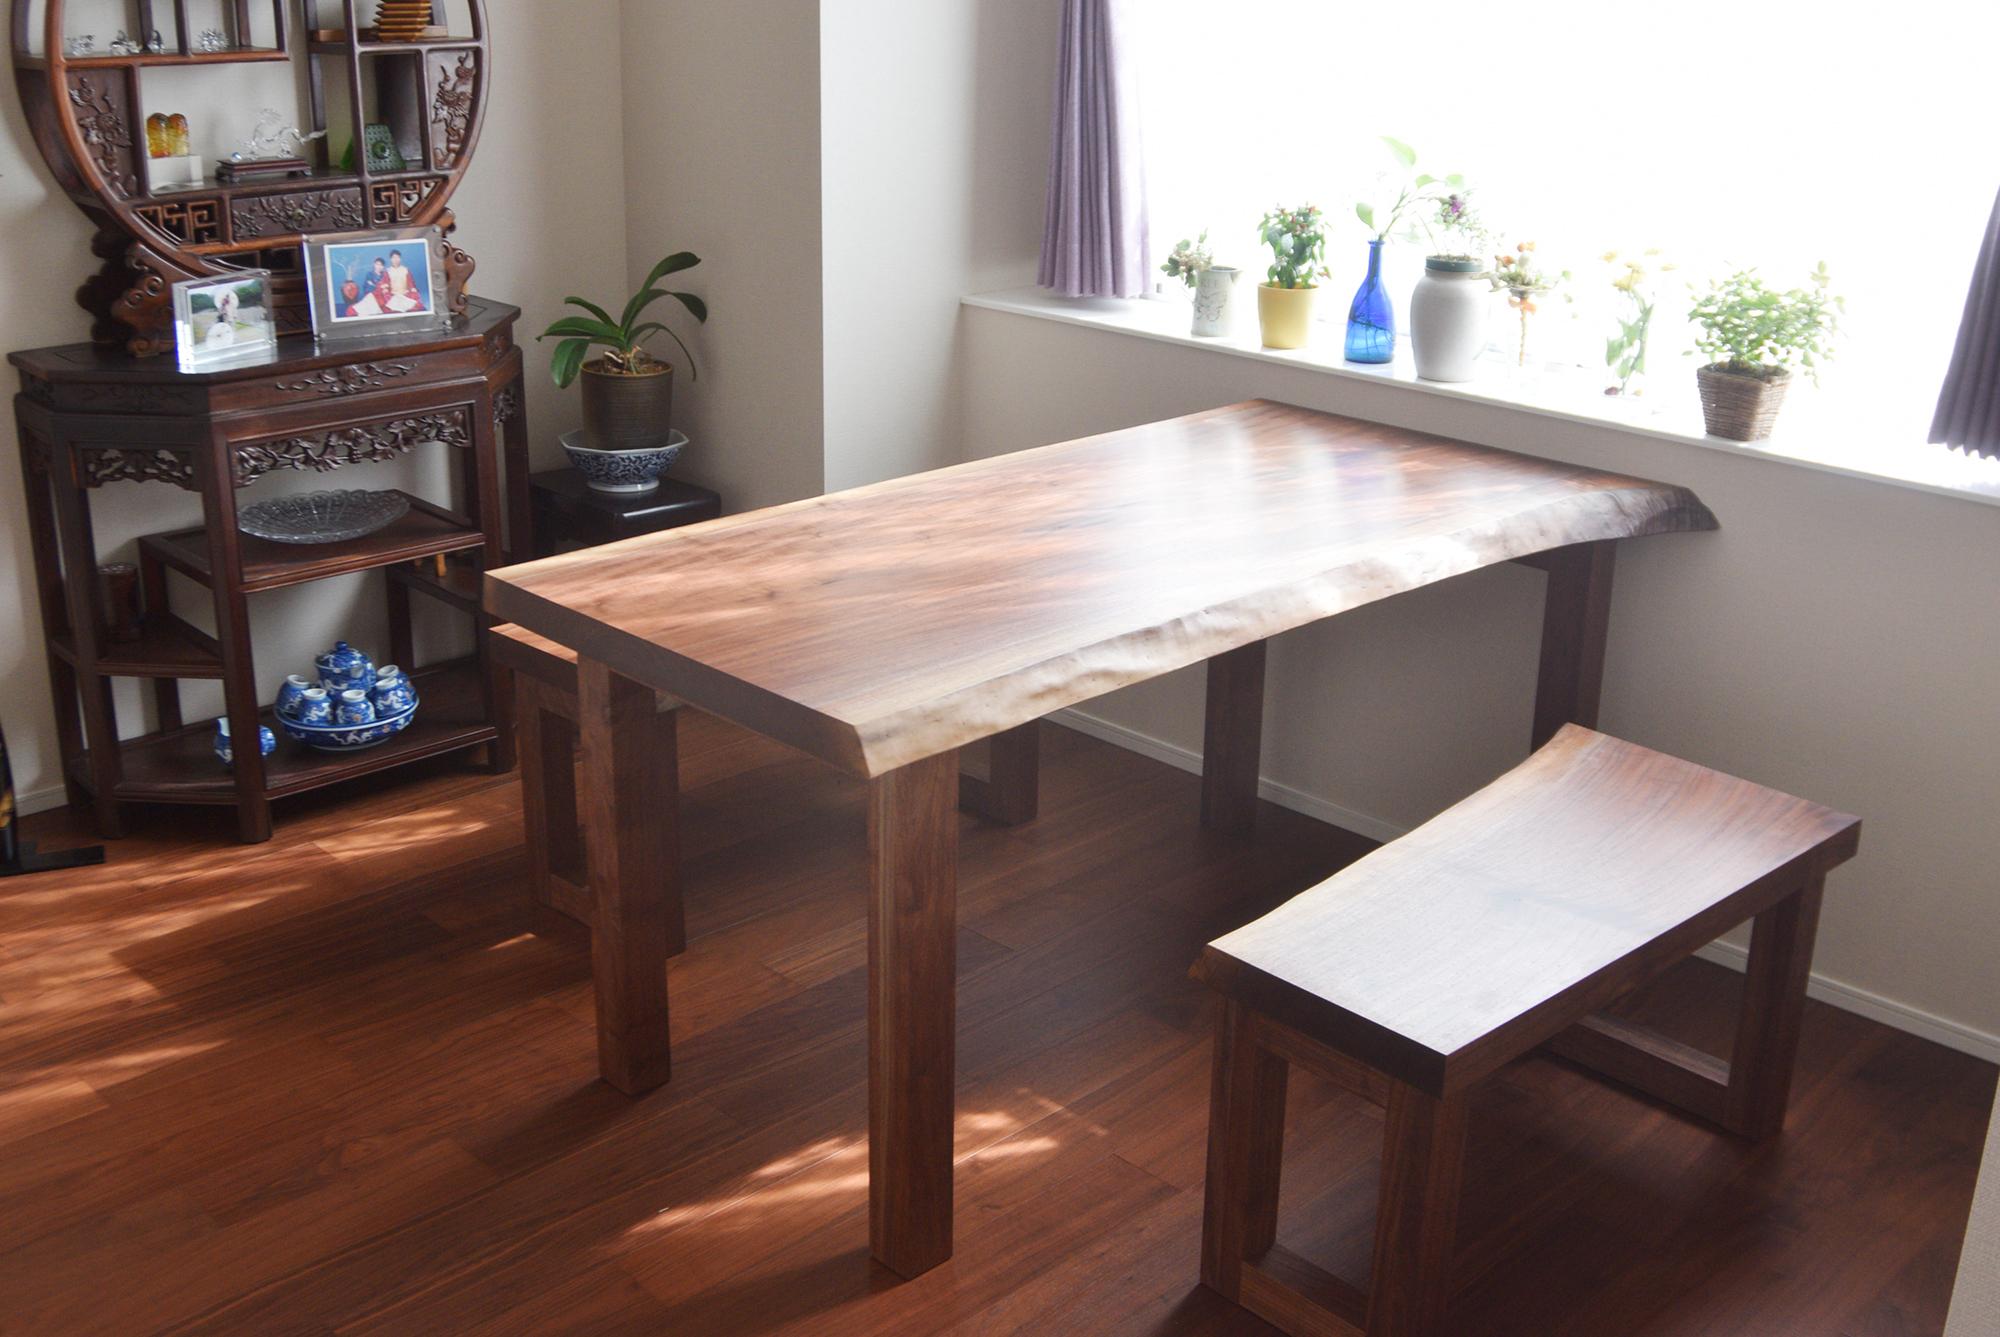 ウォールナット一枚板天板テーブルとベンチ